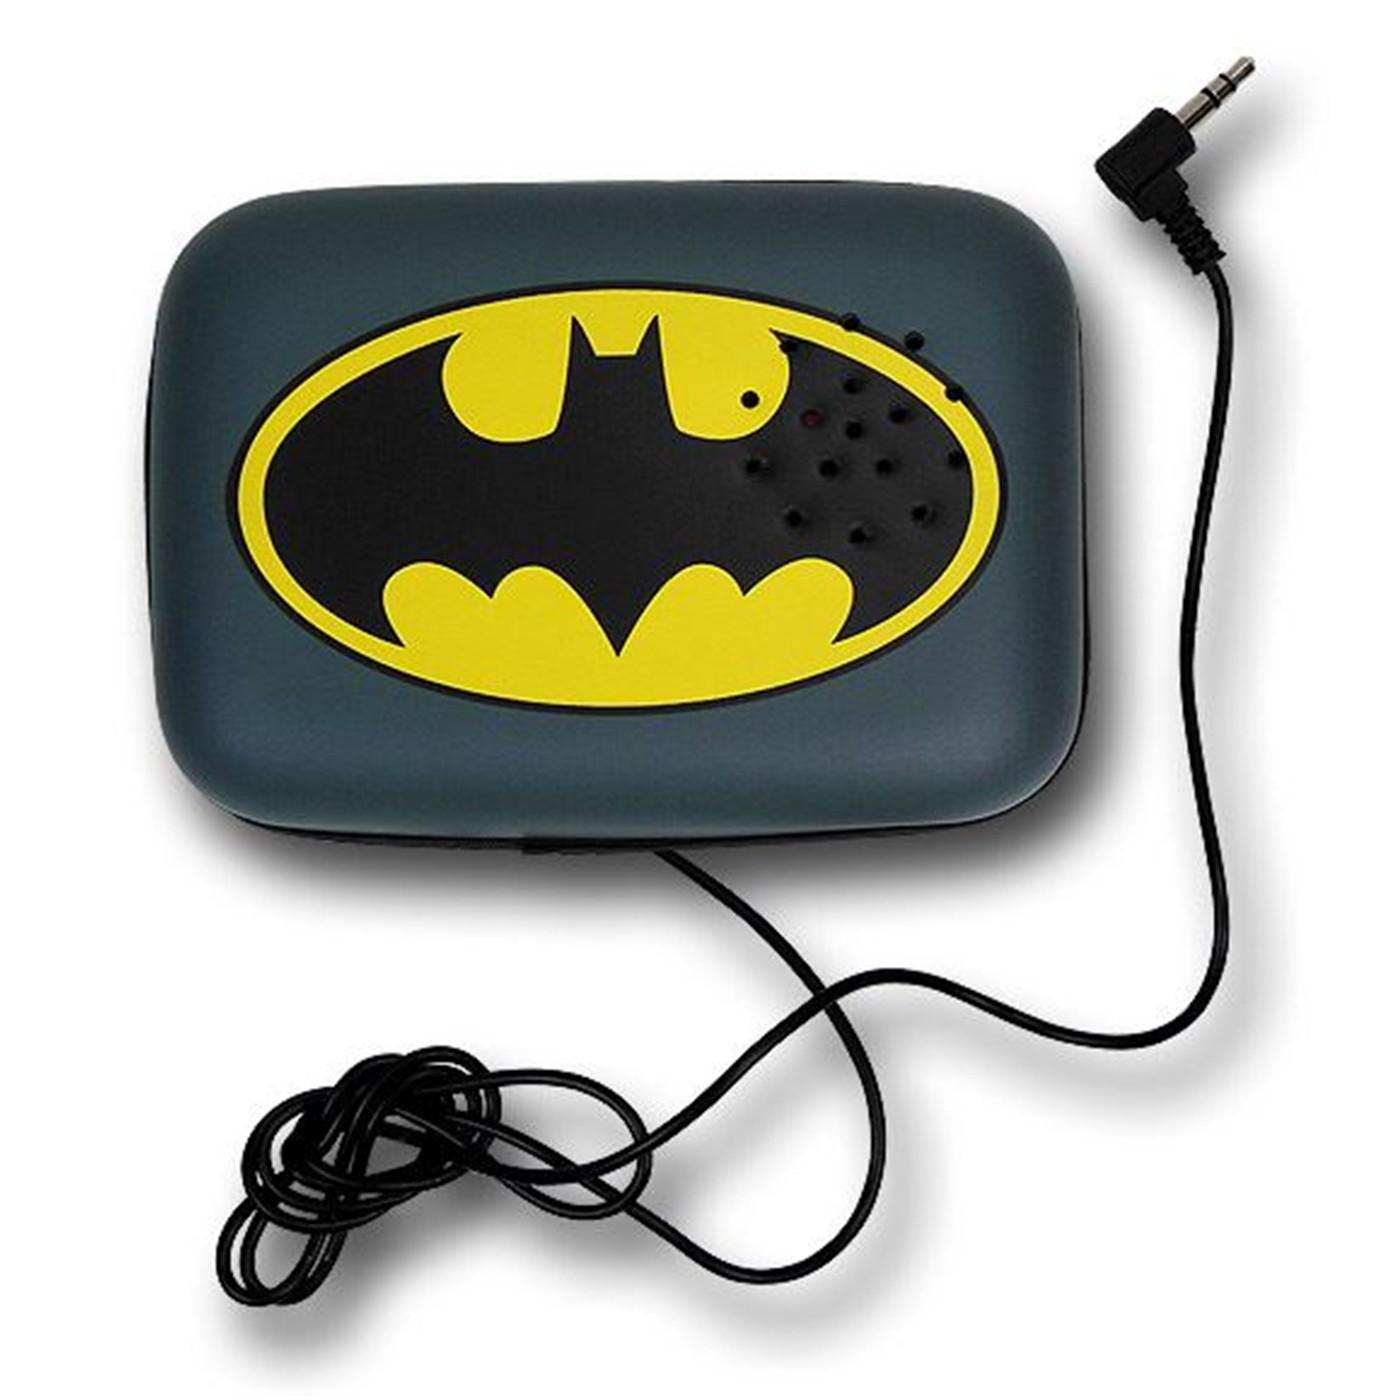 Batman Symbol Belt Buckle w/Speaker